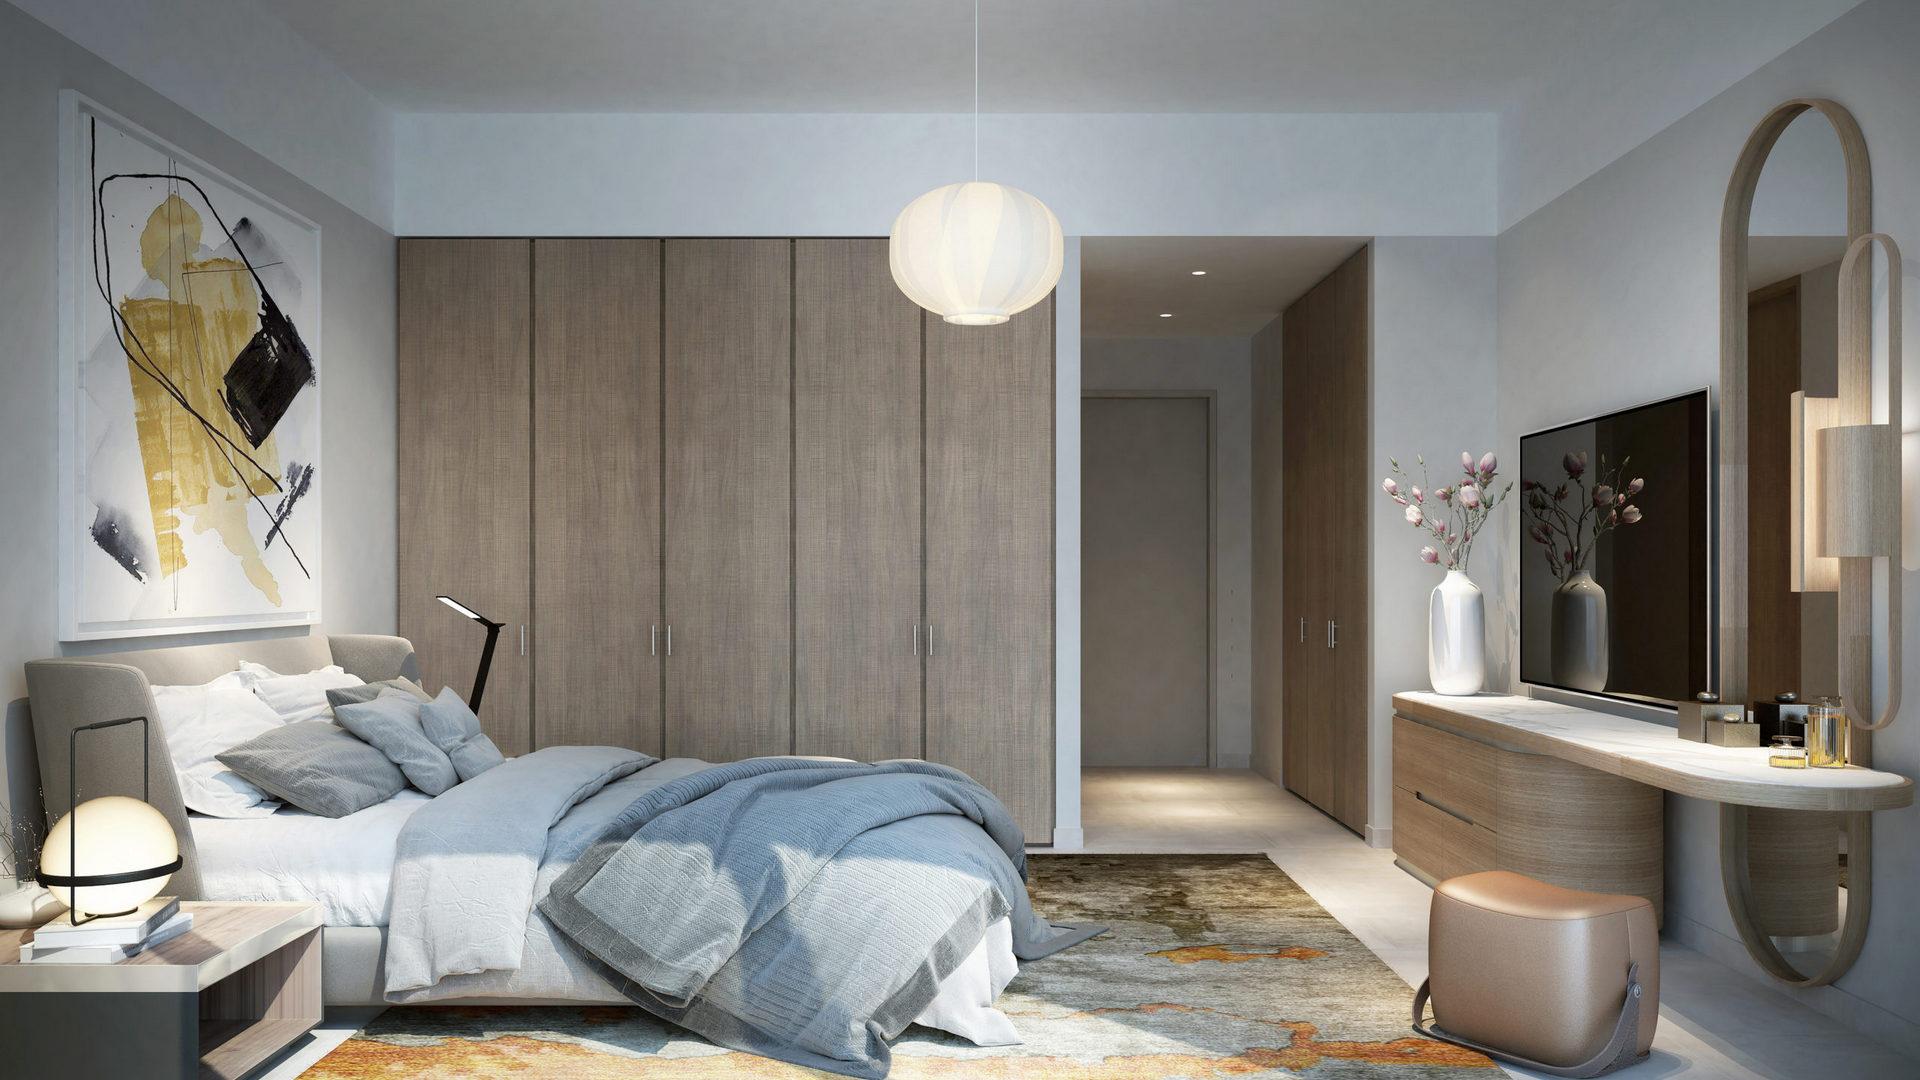 Villa en venta en Dubai, EAU, 3 dormitorios, 191 m2, № 24666 – foto 4